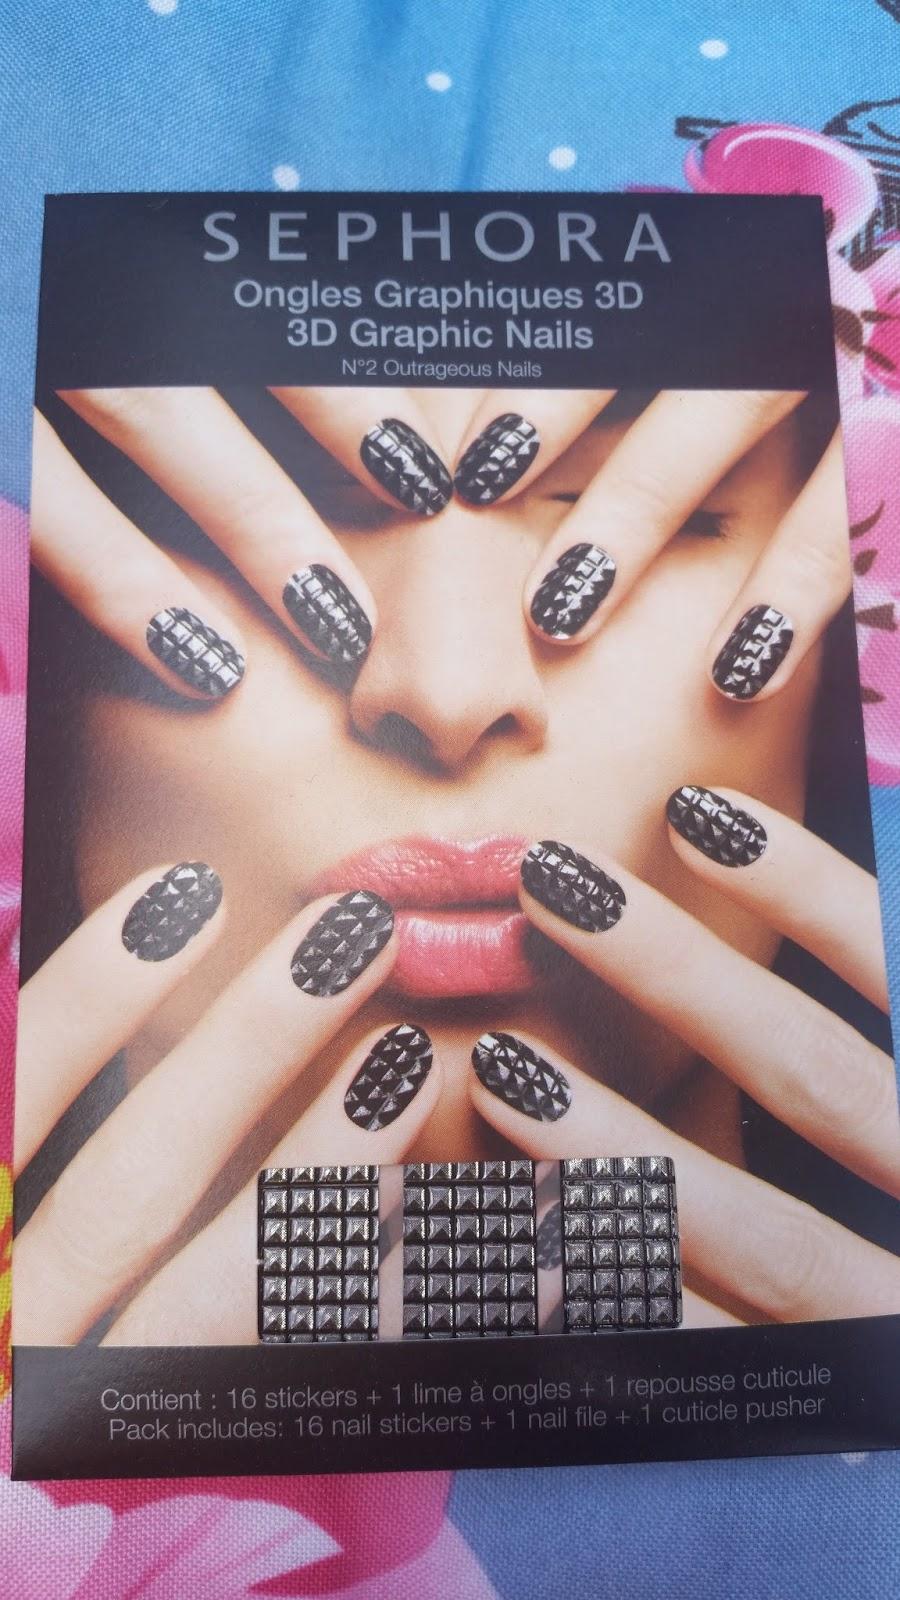 Sephore - Outrageous Nails 3D Nagelsticker - www.annitschkasblog.de